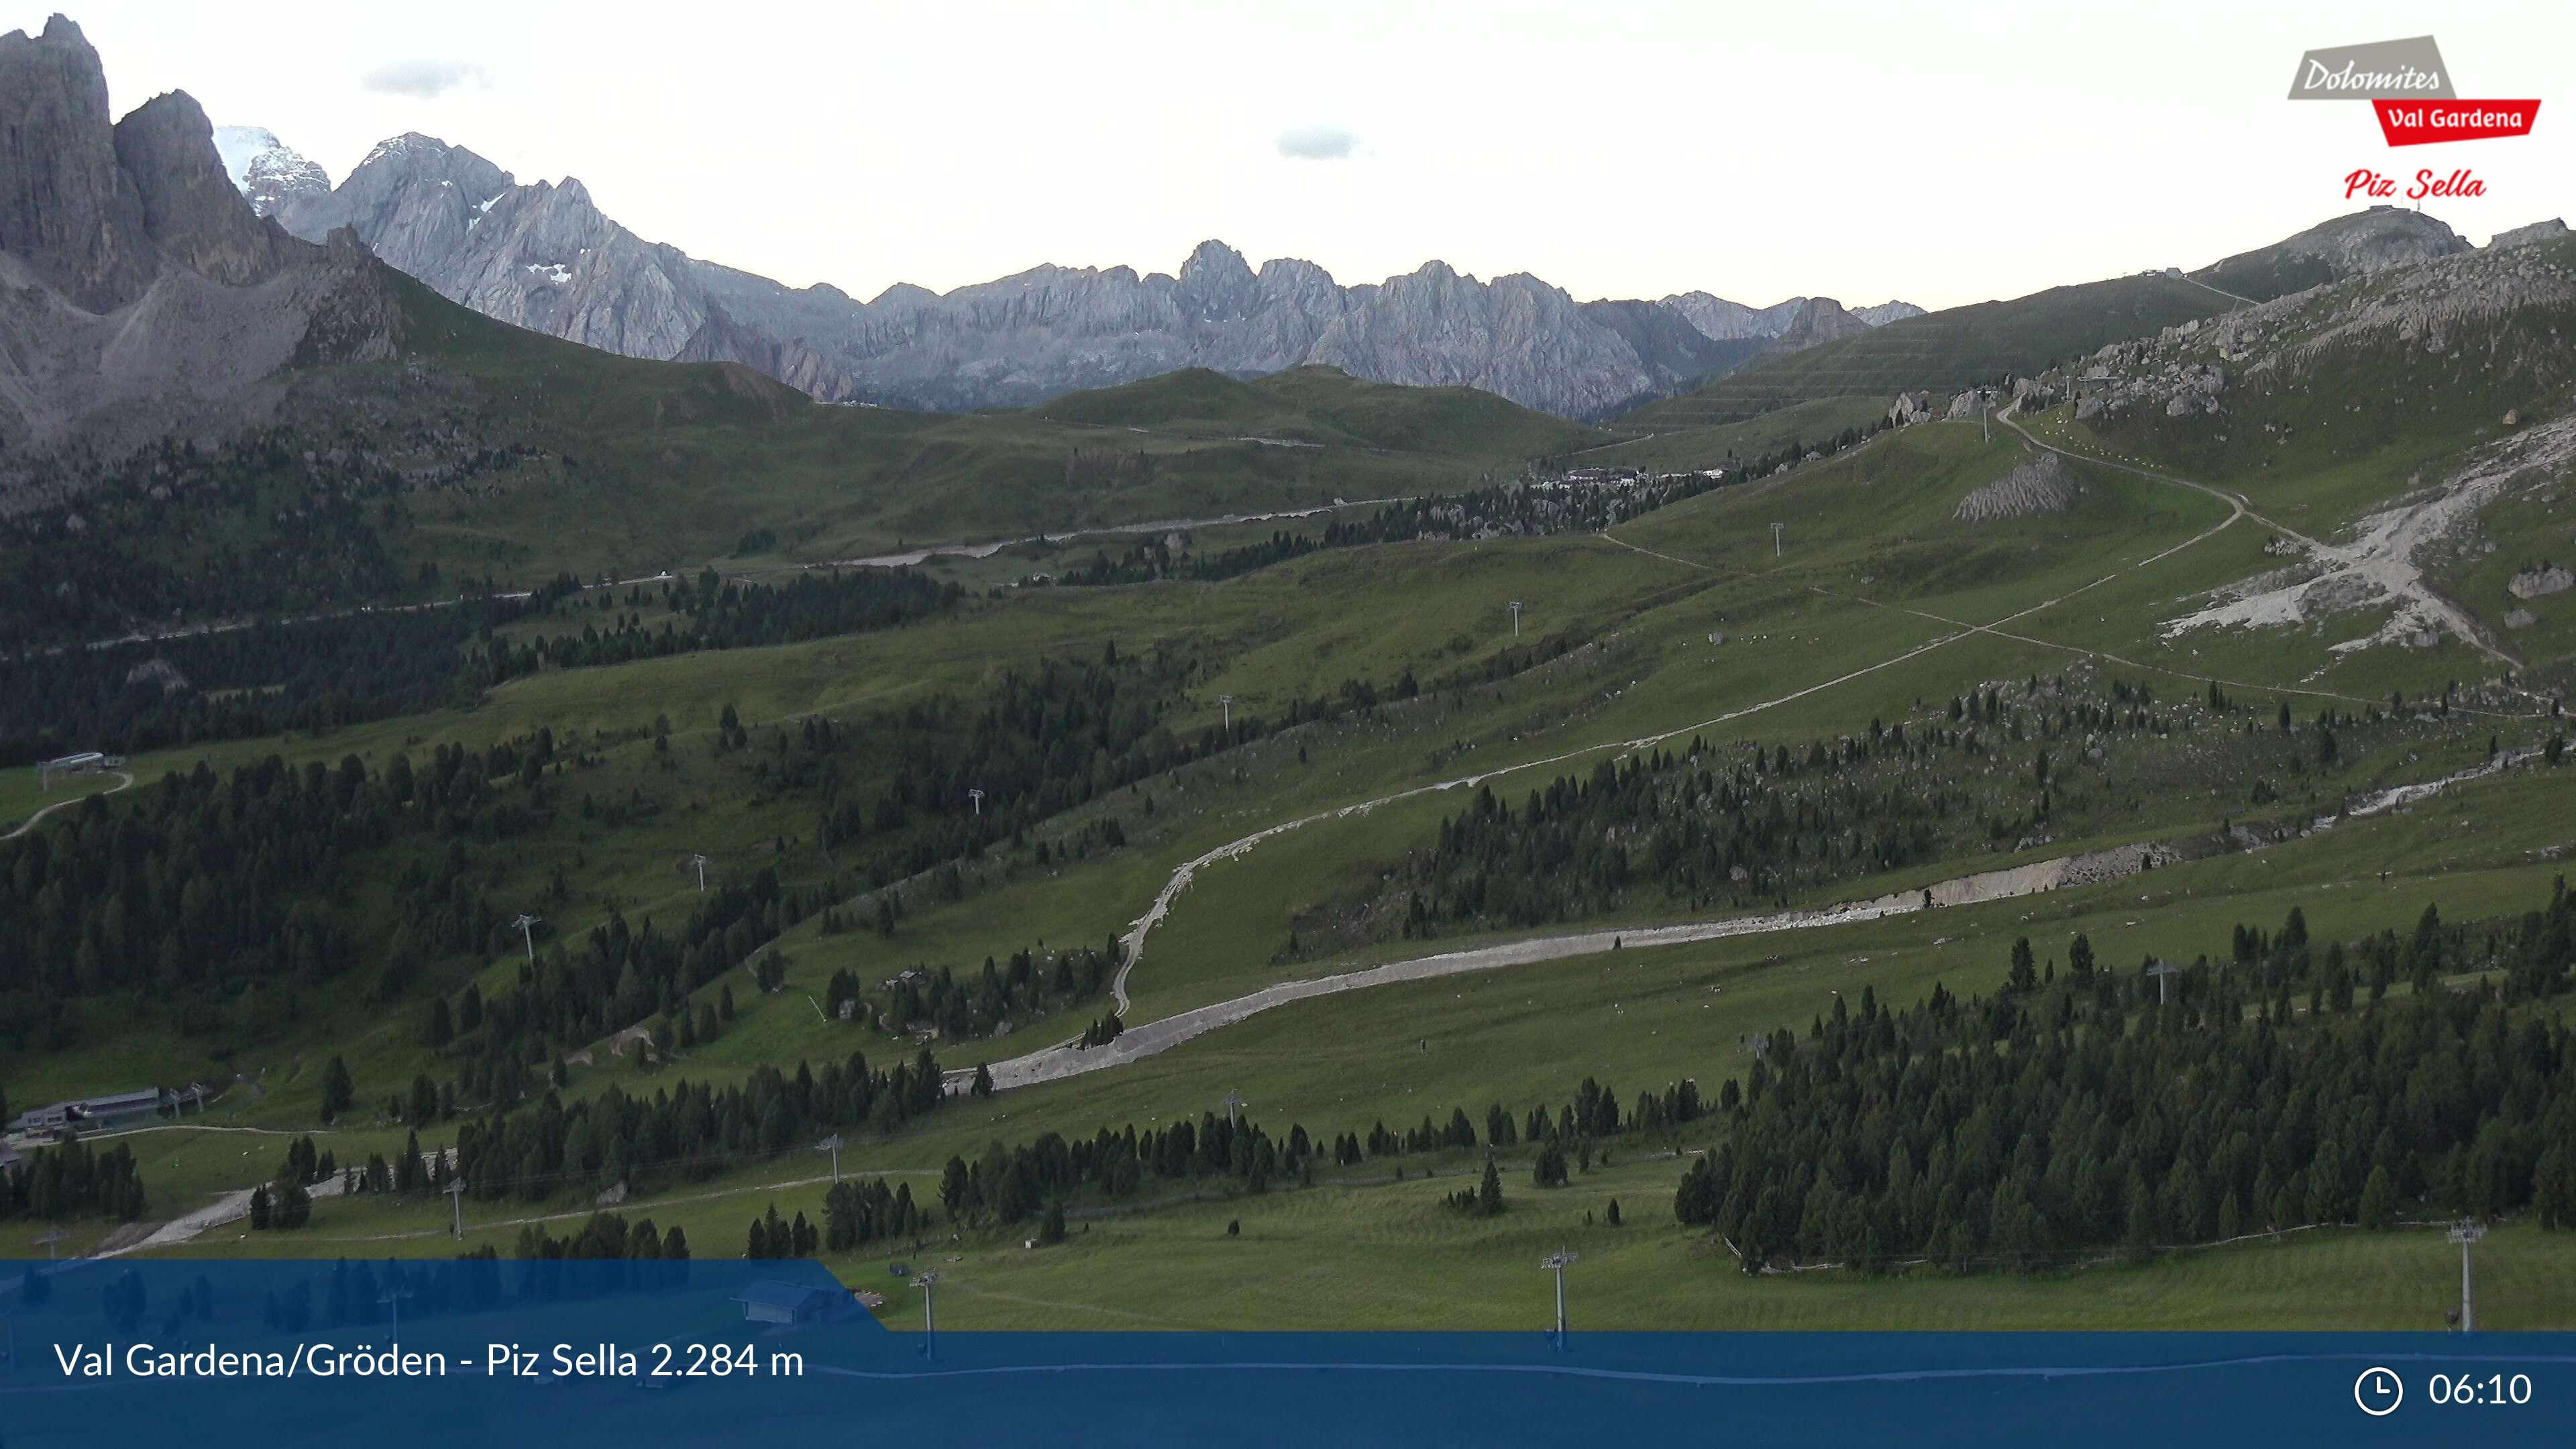 Selva Val Gardena webcam - Piz Sella / snowpark